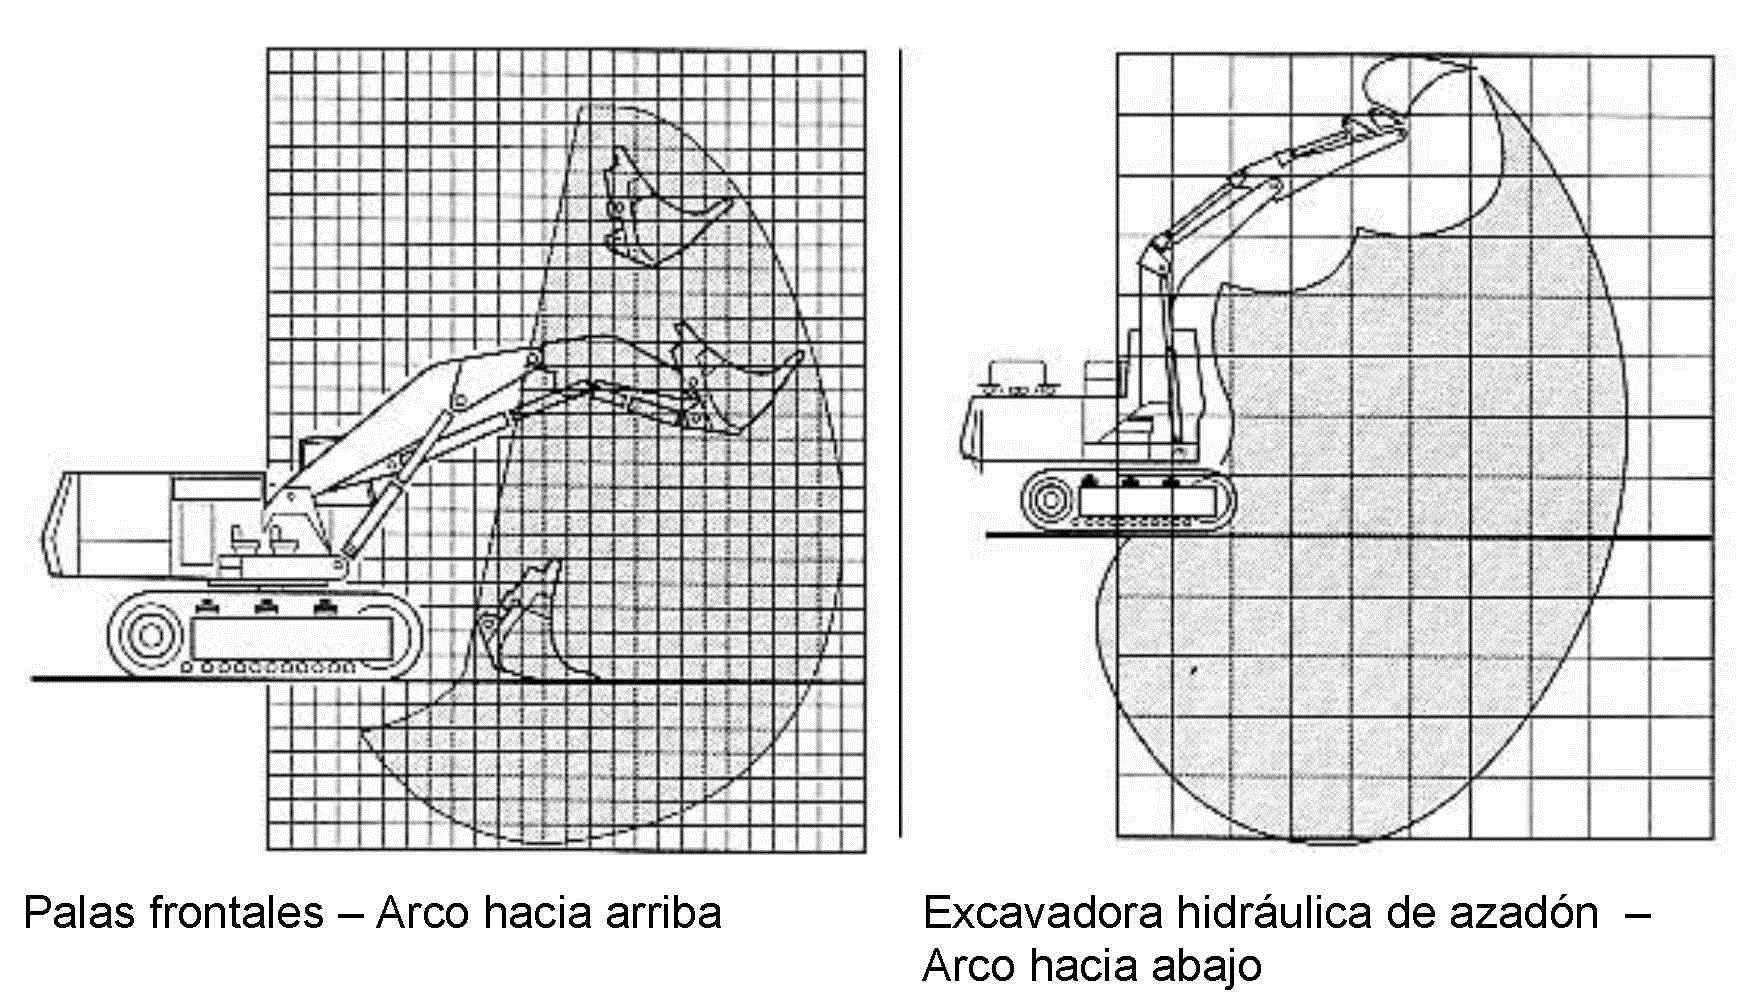 02 excavadoras hidraulicas - figura 8.2